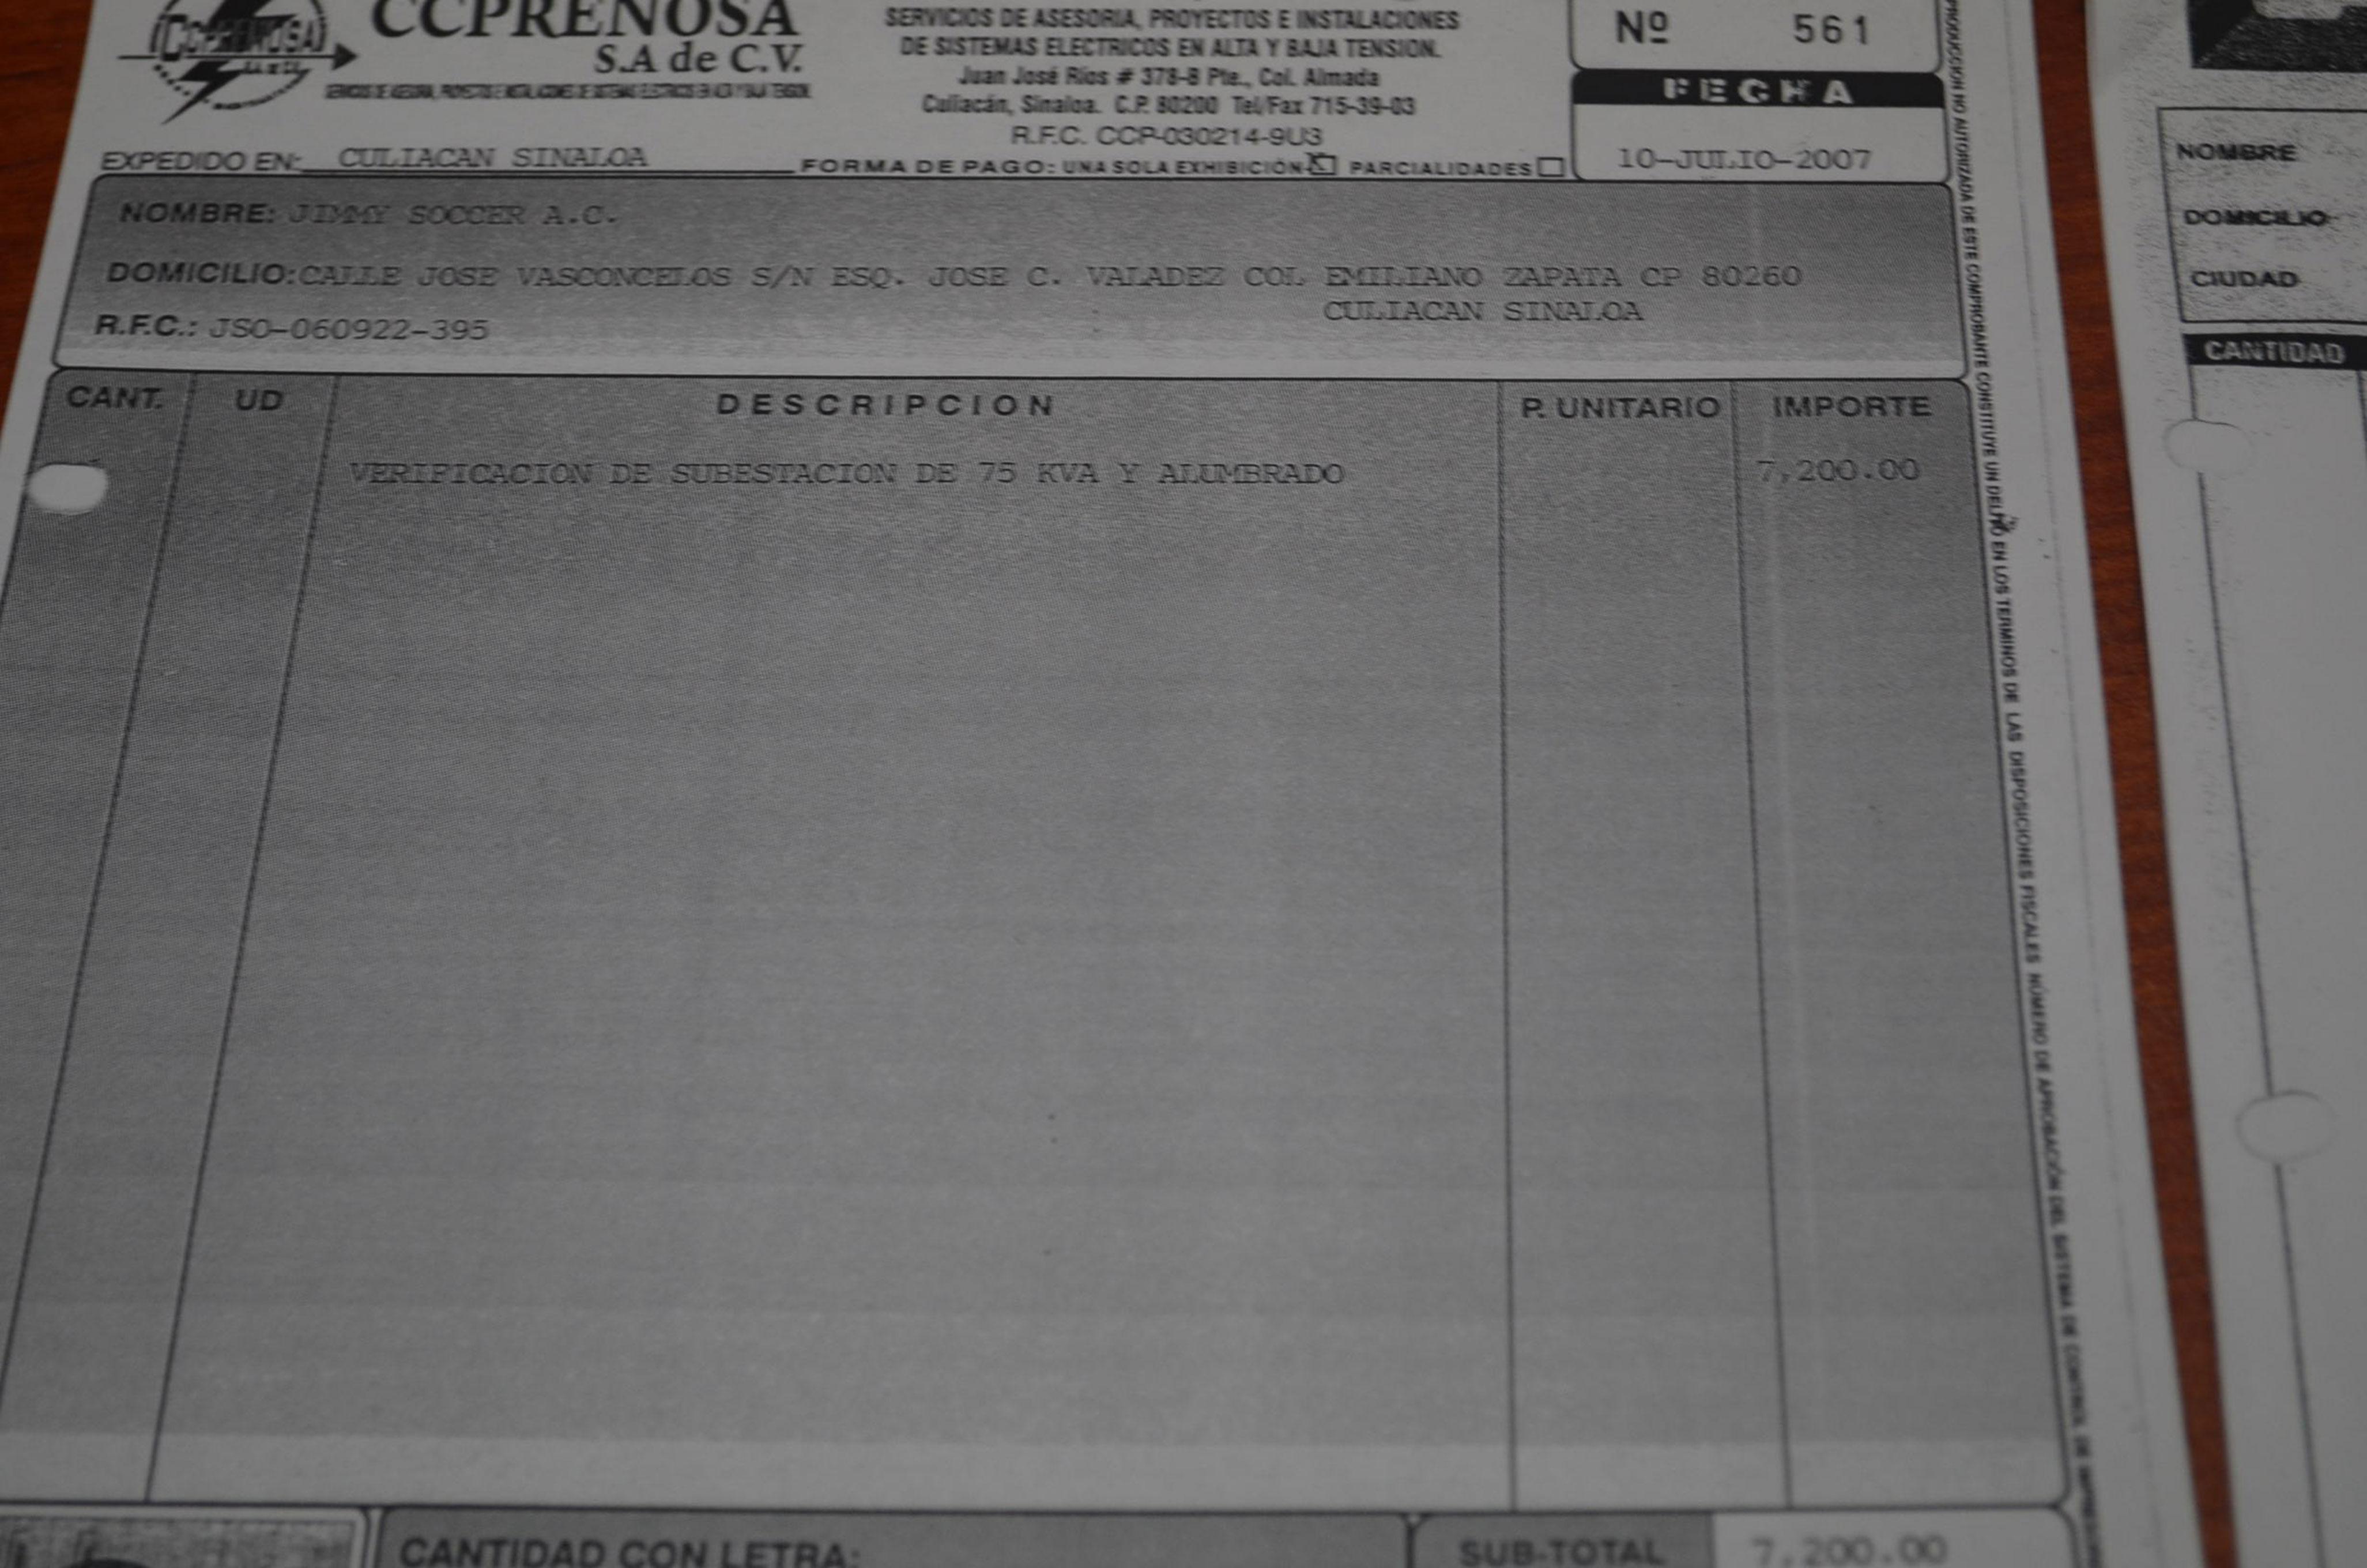 Copia de factura original utilizada durante el caso de Jimmy Ruiz. Foto: Gabriela Sánchez.